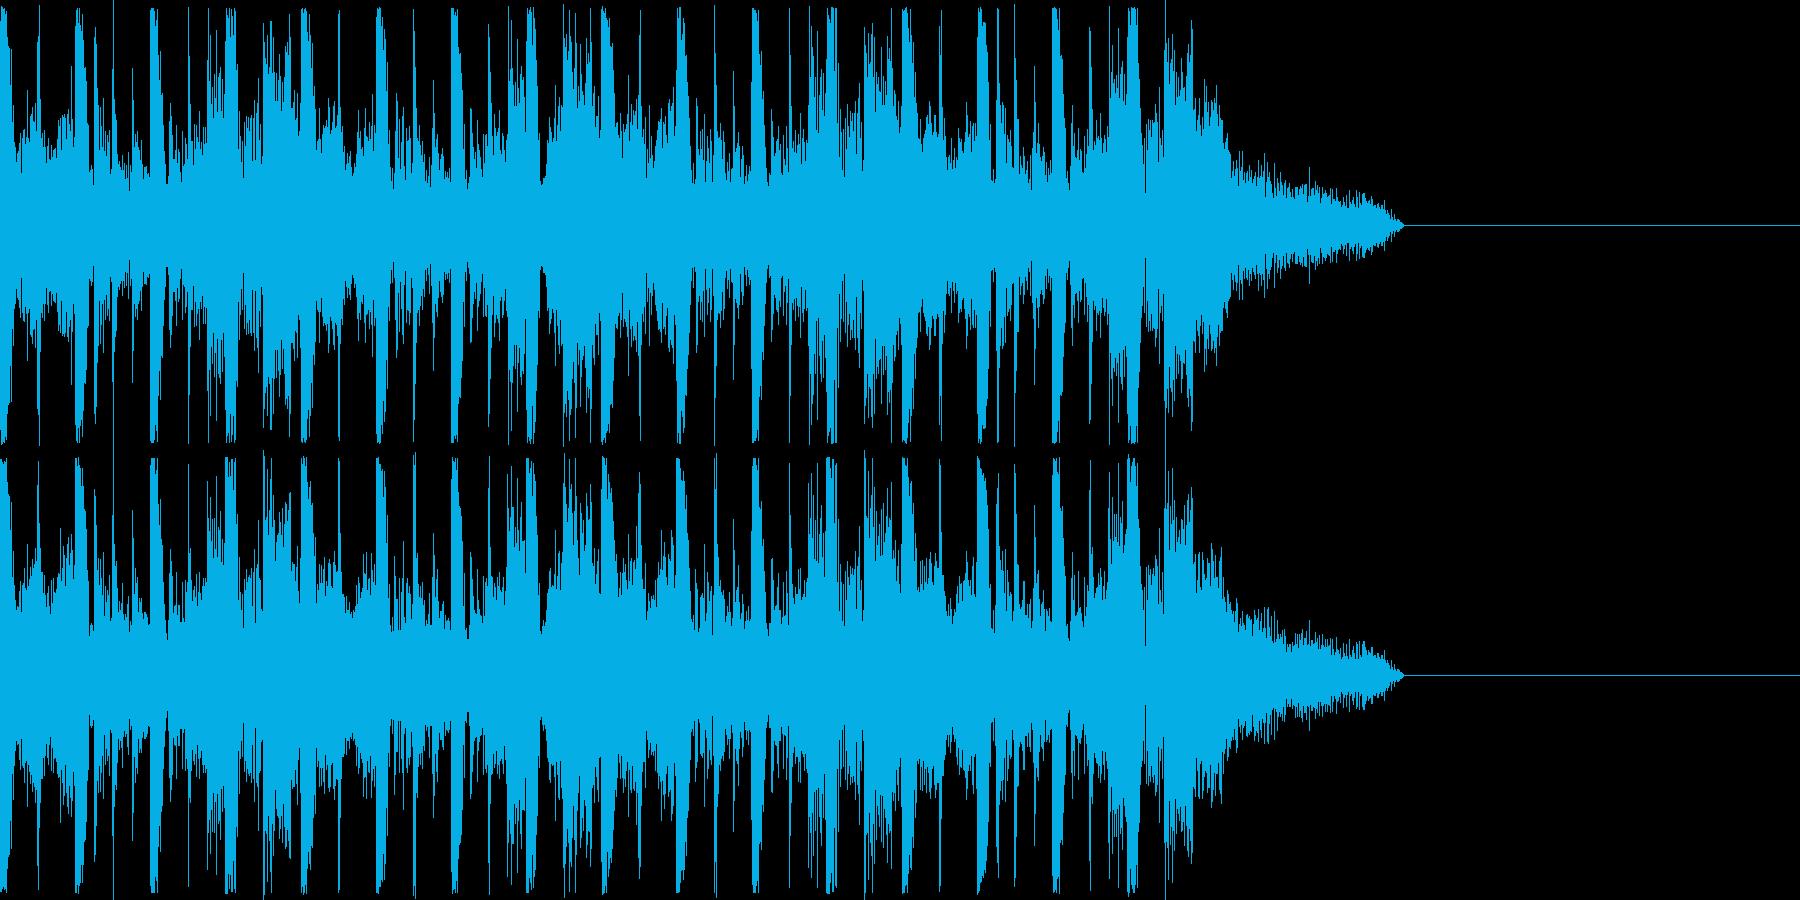 リズミカルなアコースティックハウスの再生済みの波形